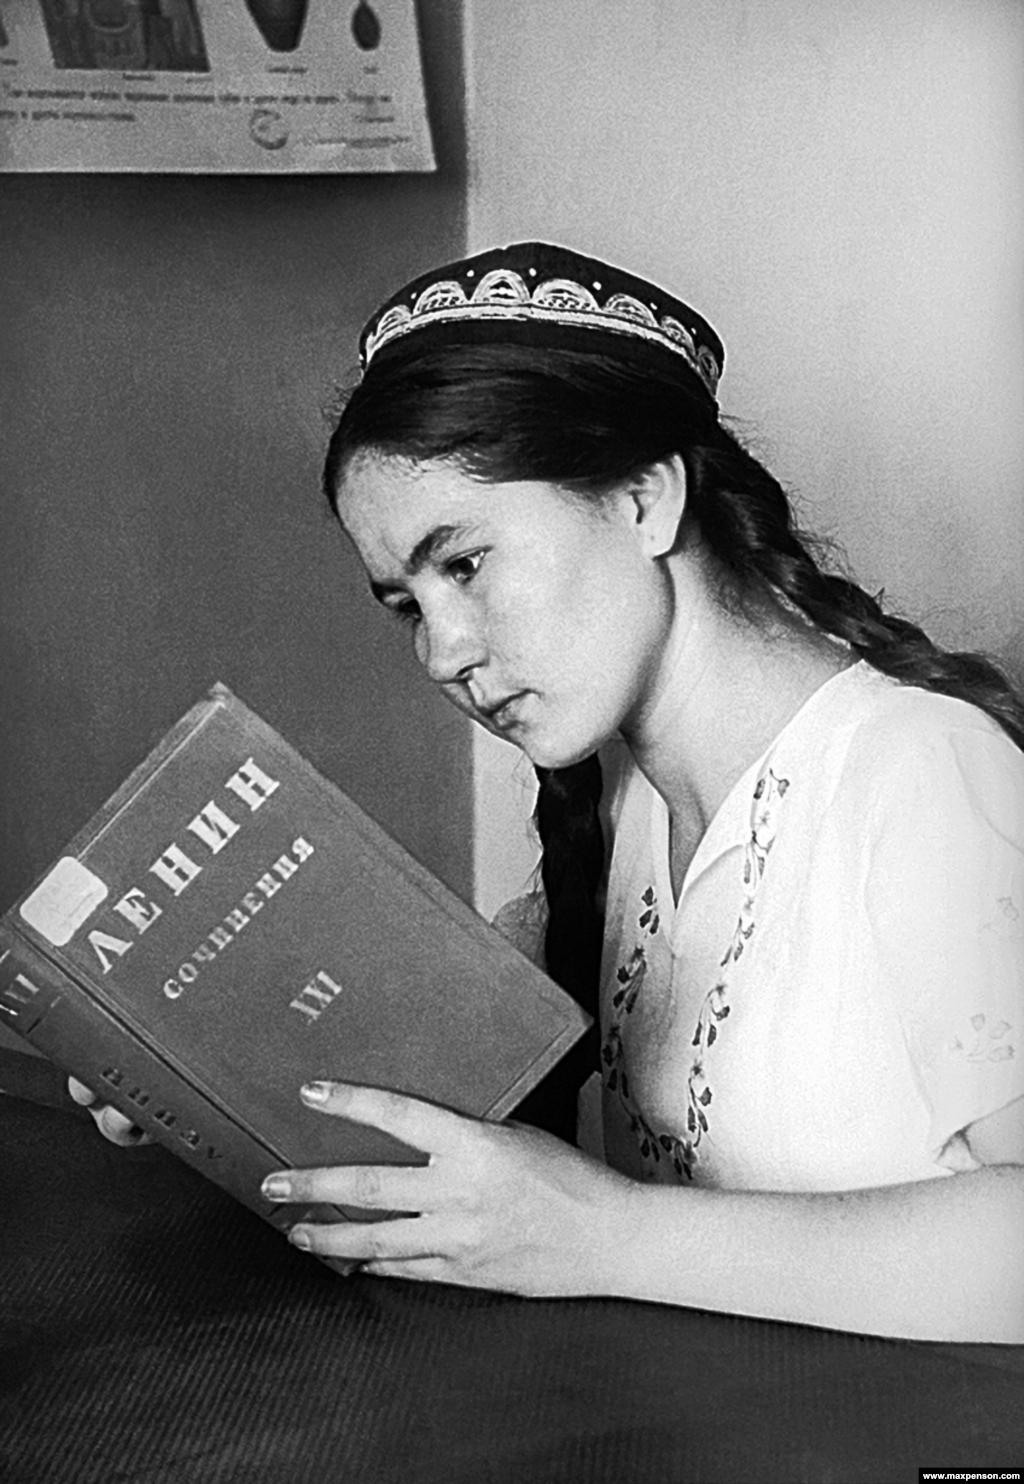 Девушка в тюбетейке читает собрание сочинений Владимира Ленина